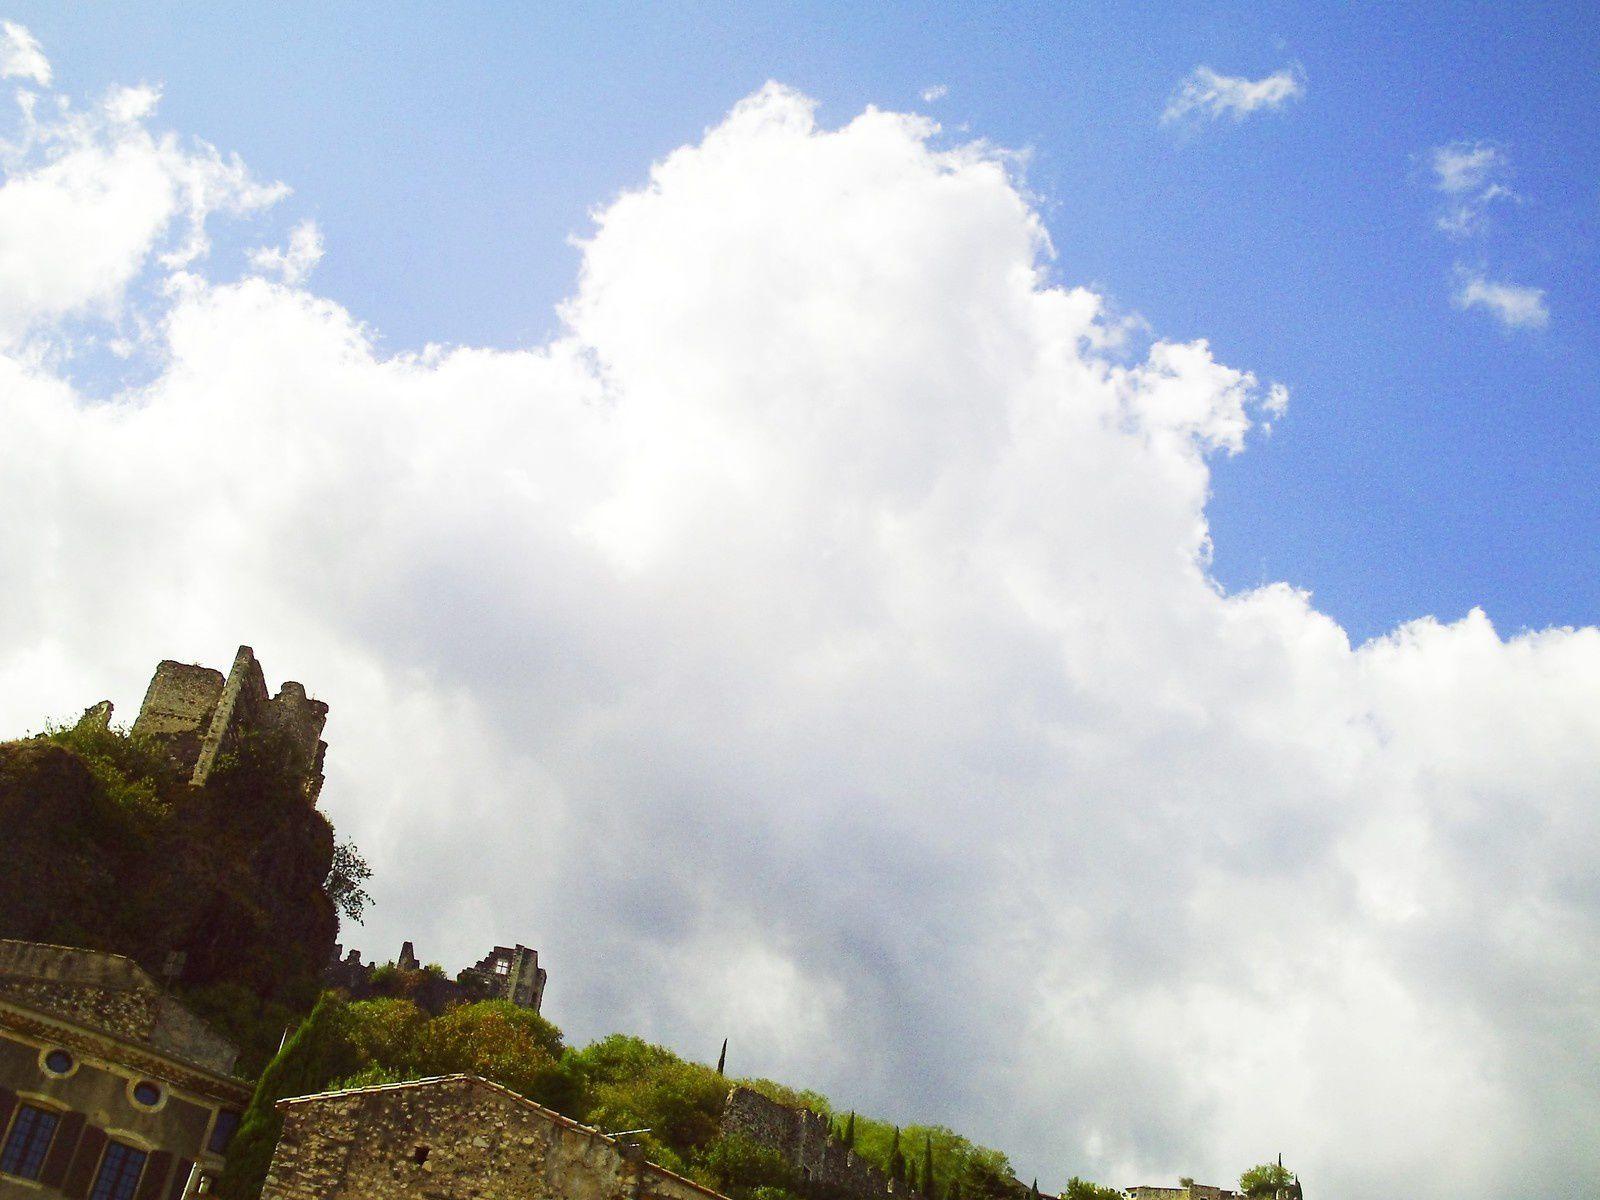 Goldwing - Notre voyage dans les Hautes-Alpes en Goldwing 1800 et Varadero 125 - 14ème jour